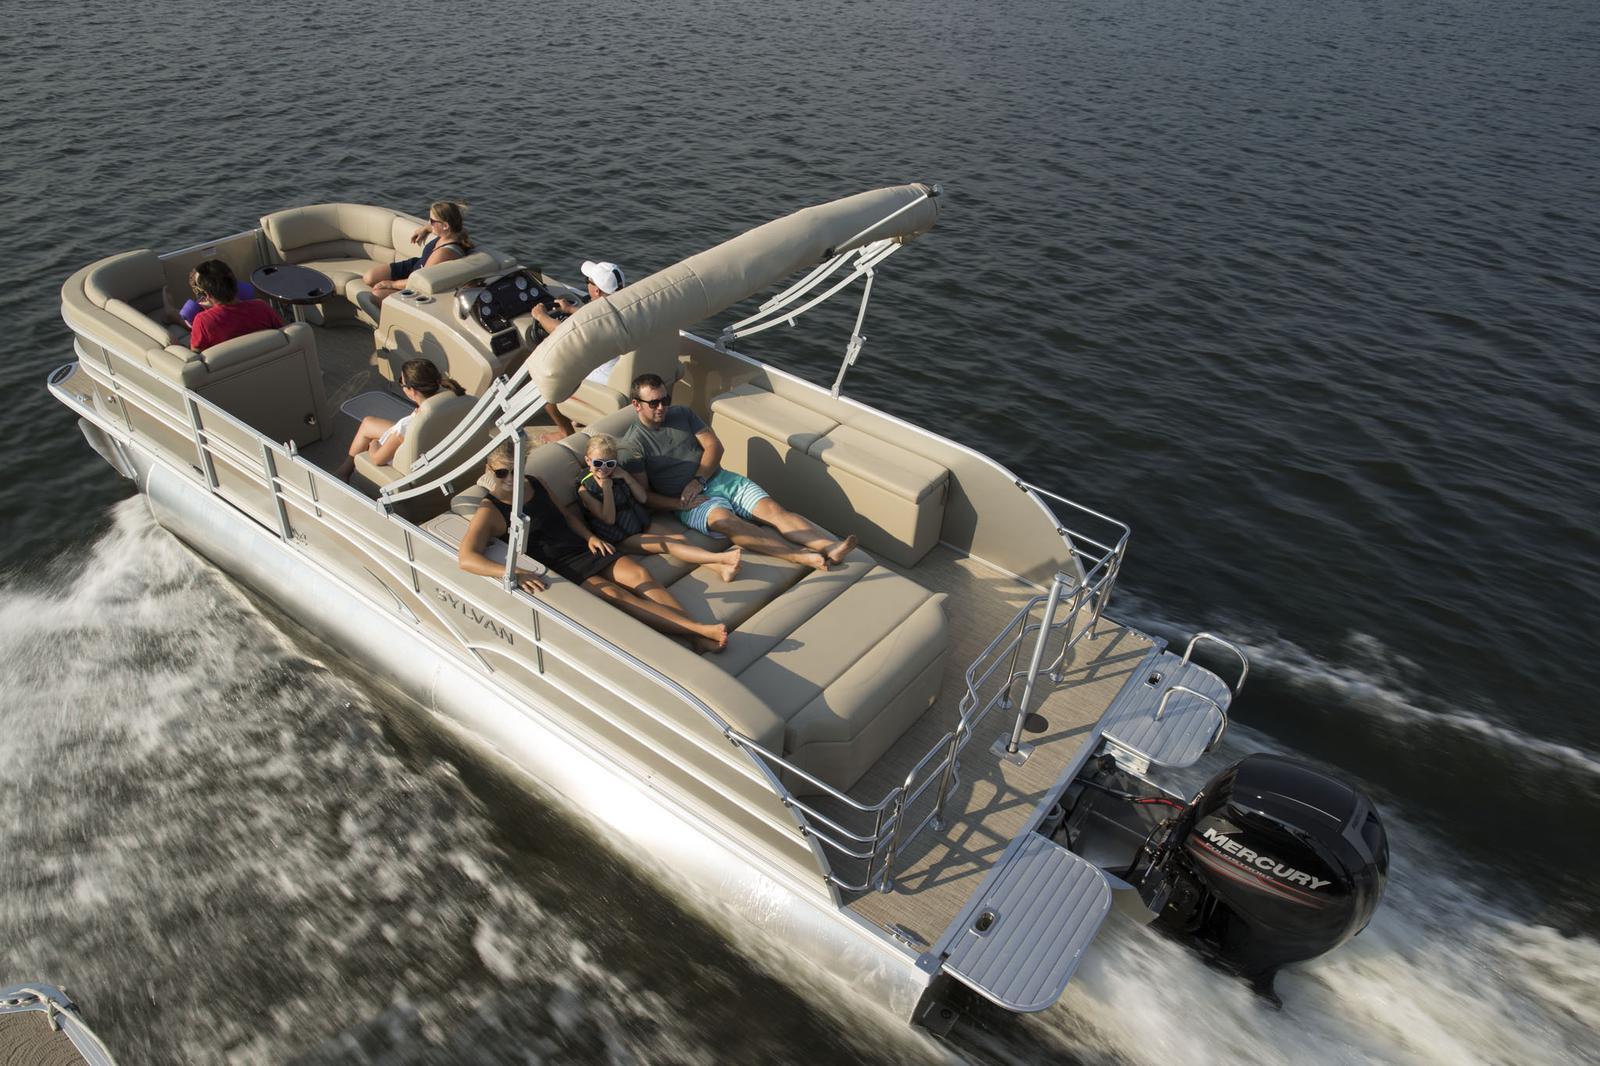 Sylvan Mirage Cruise LE 8524 DLZ Tritoon